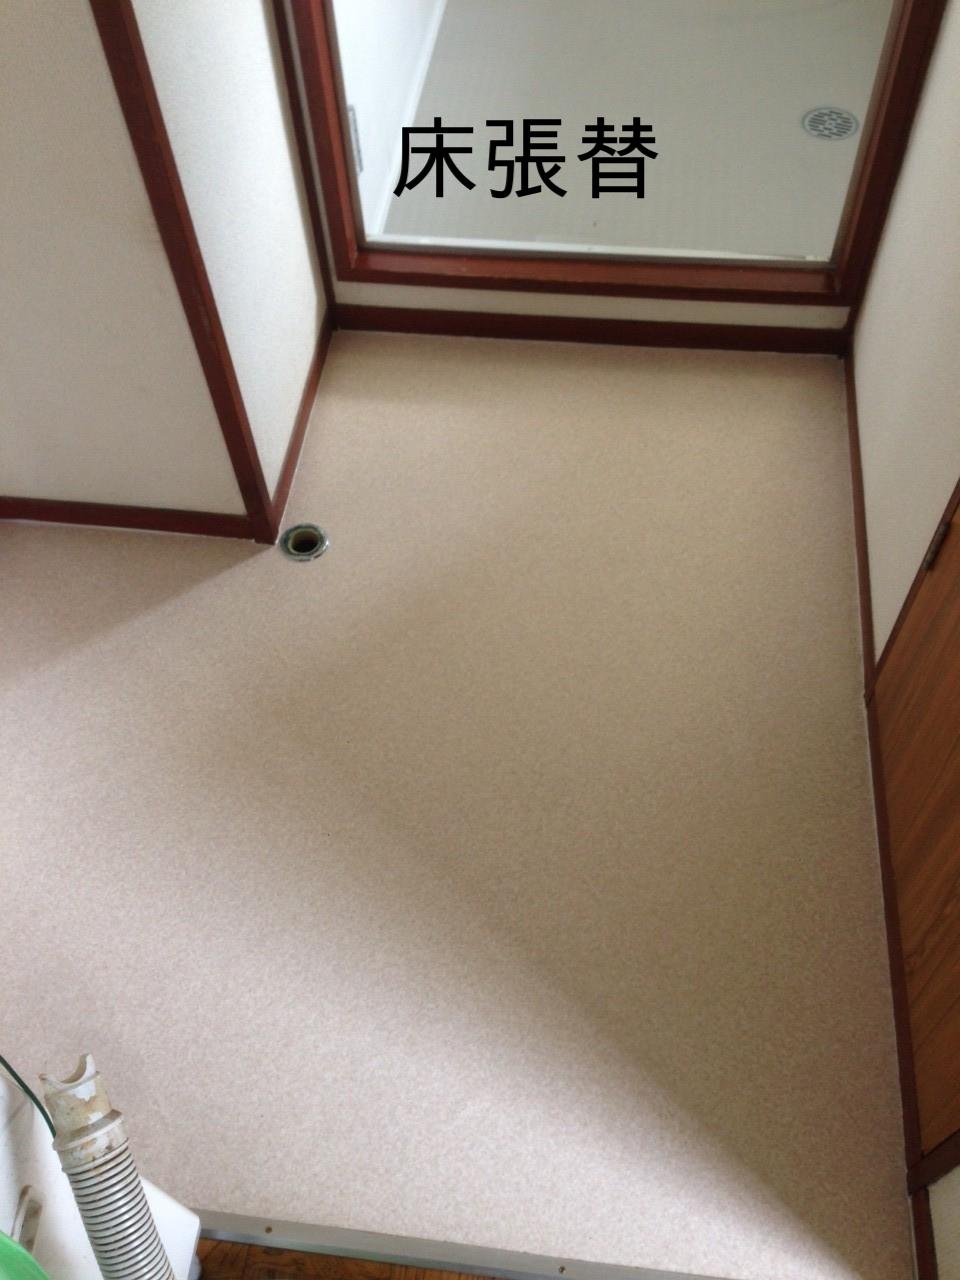 賃貸アパート 洗面所 床張替後